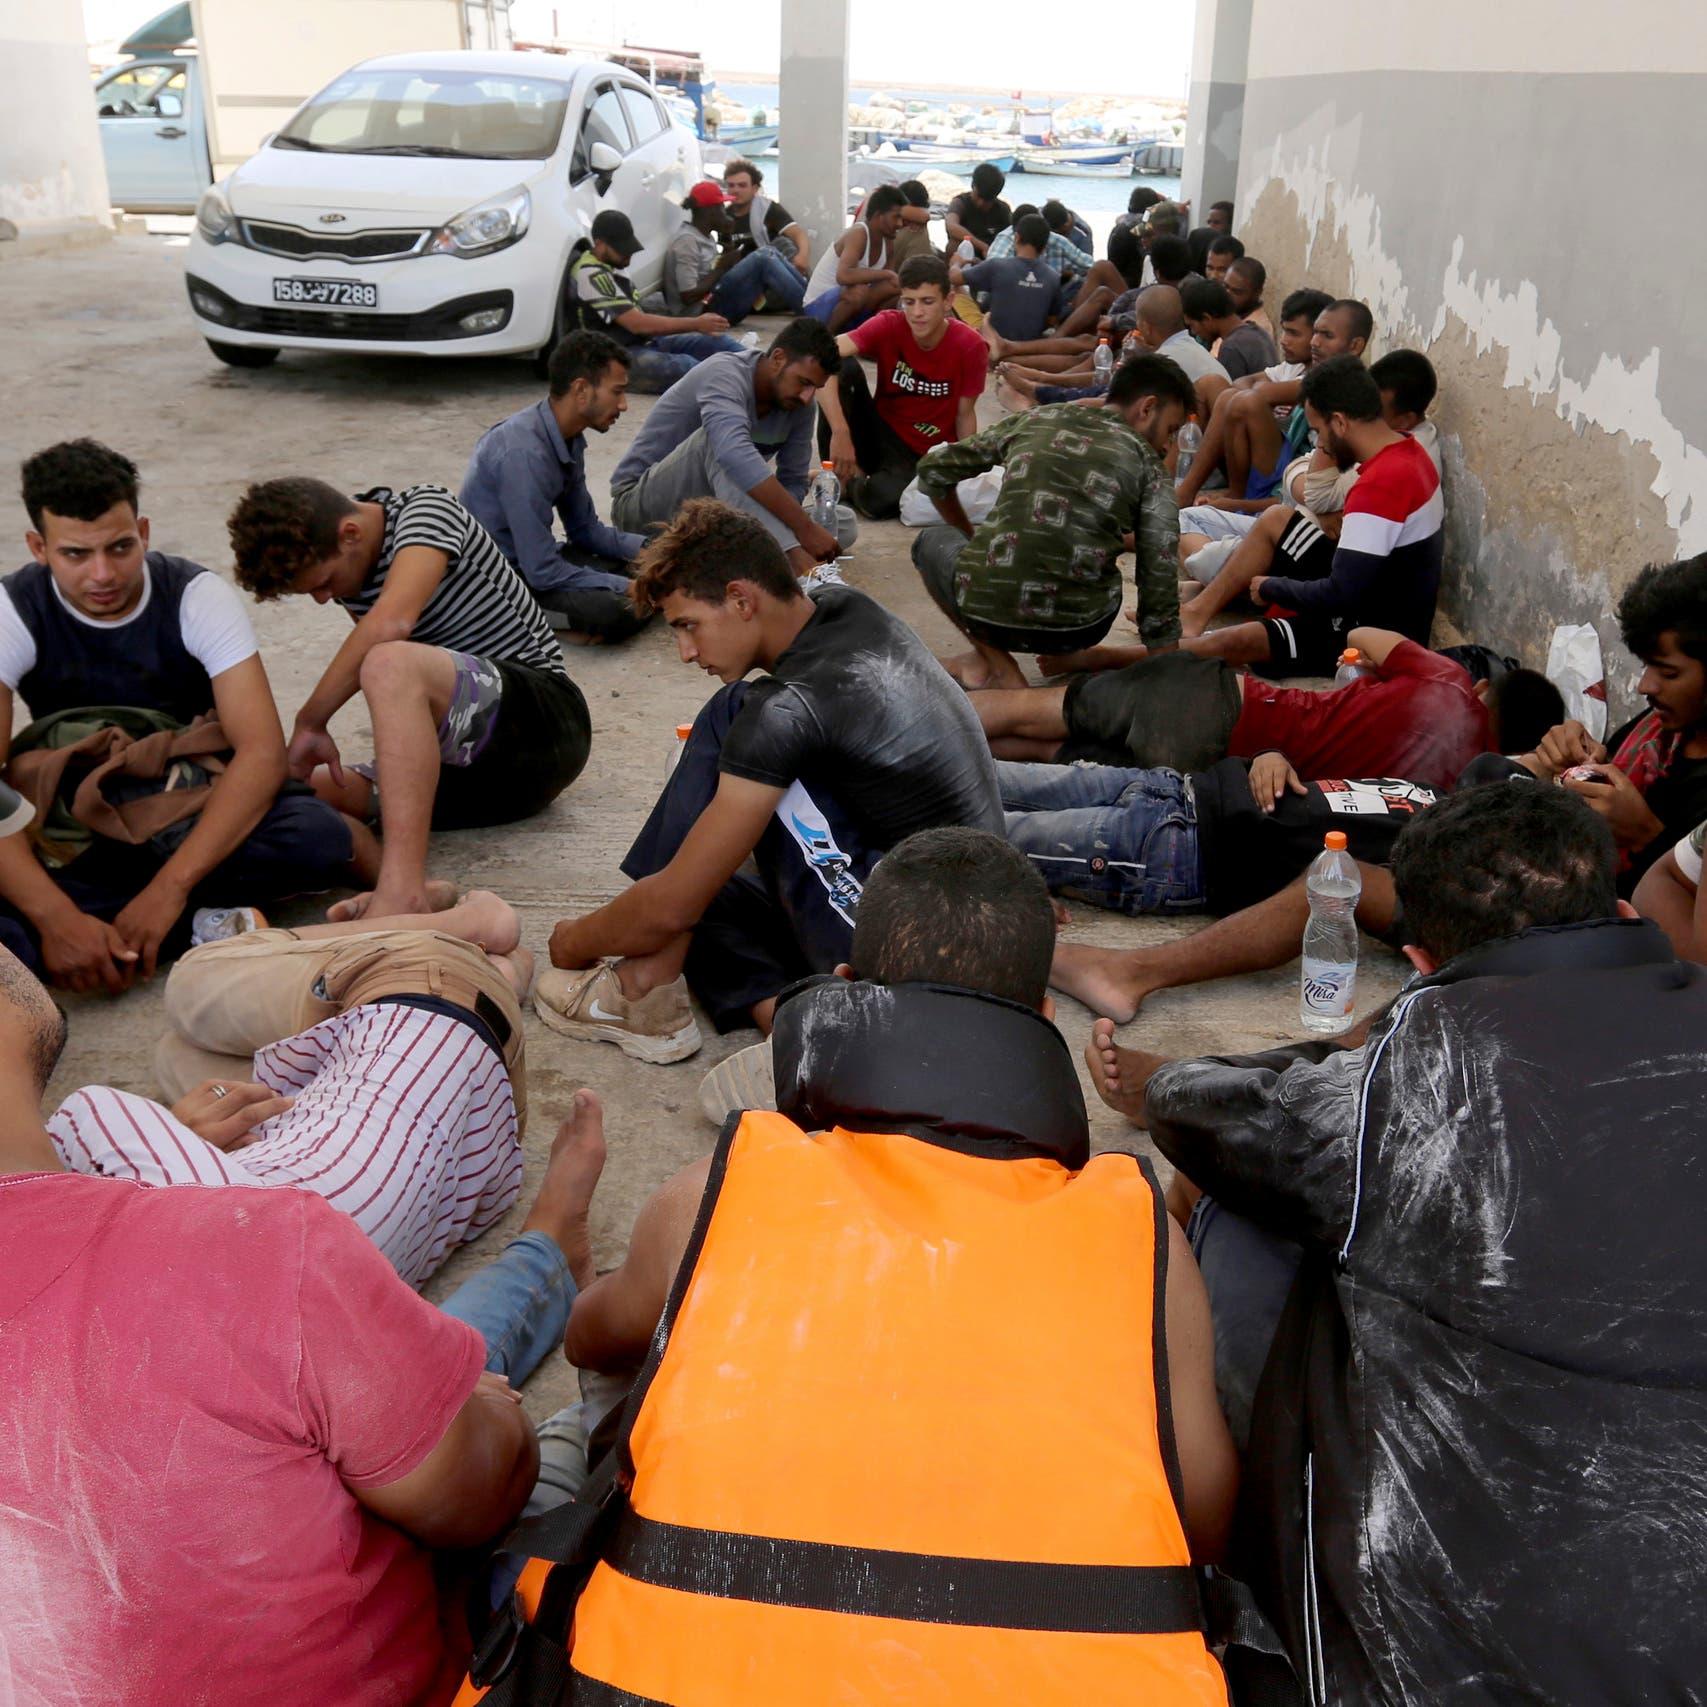 معاناتهم لا تنتهي.. مهاجرون معتقلون يختفون في ليبيا